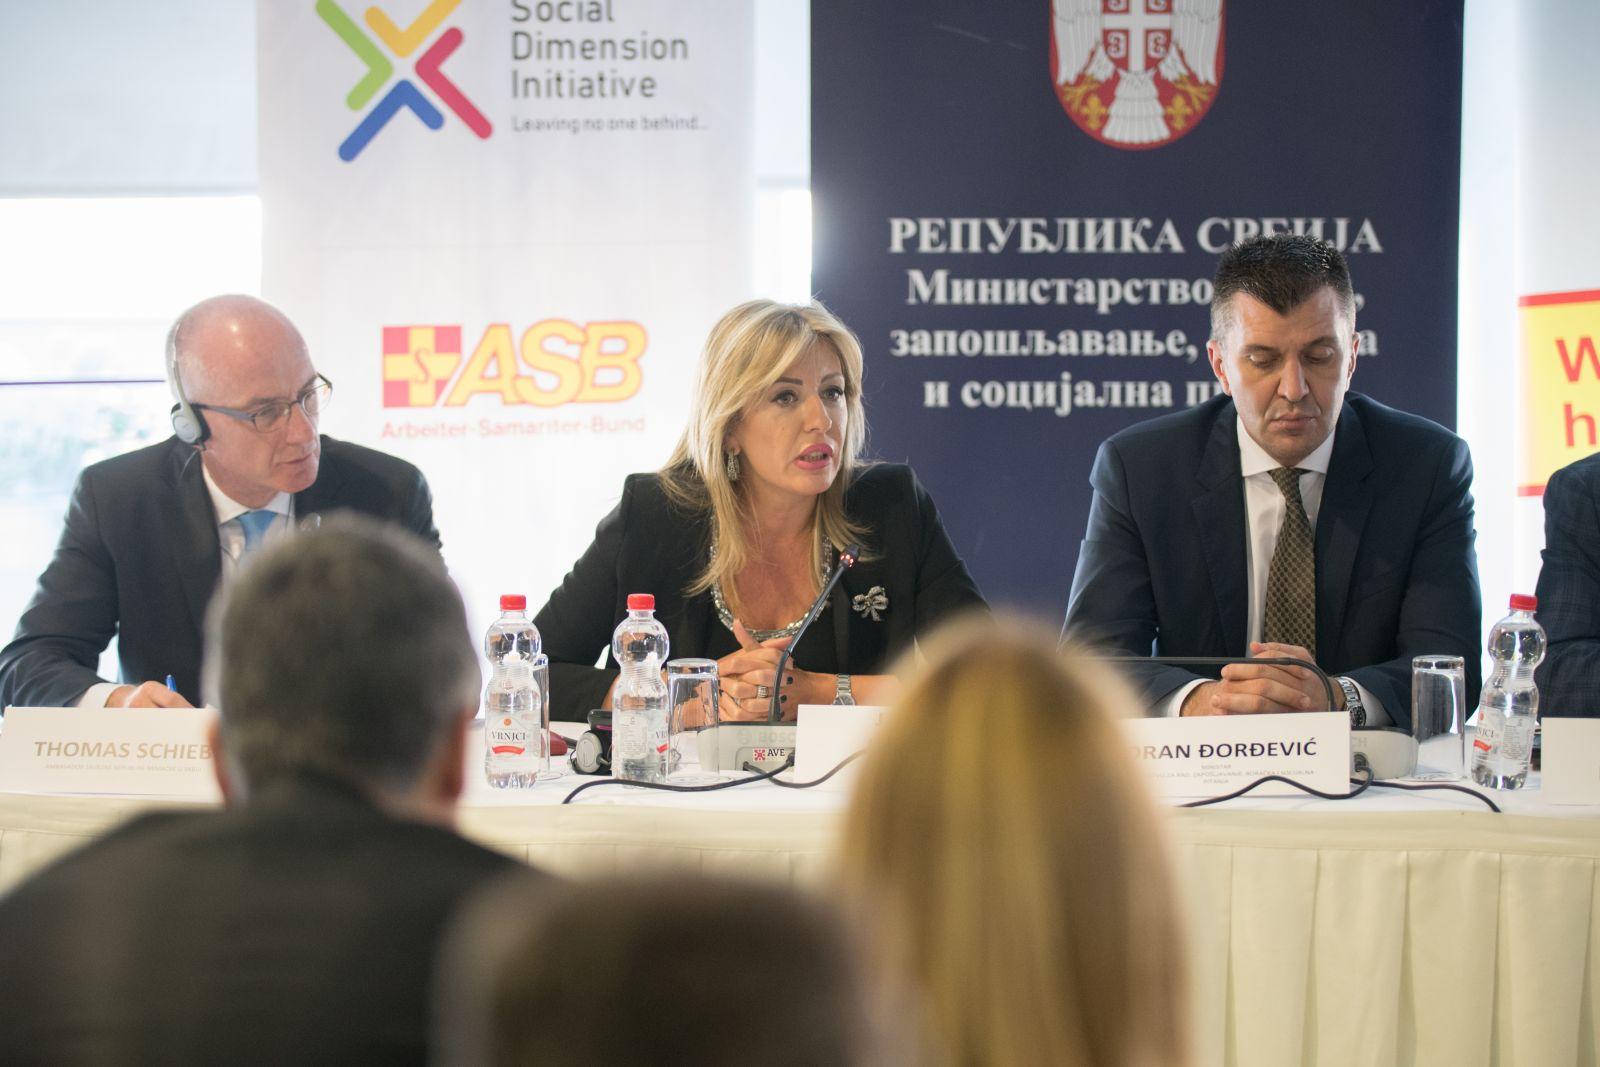 Ј. Јоксимовић: Социјална димензија кључна у процесу ЕУ интеграција